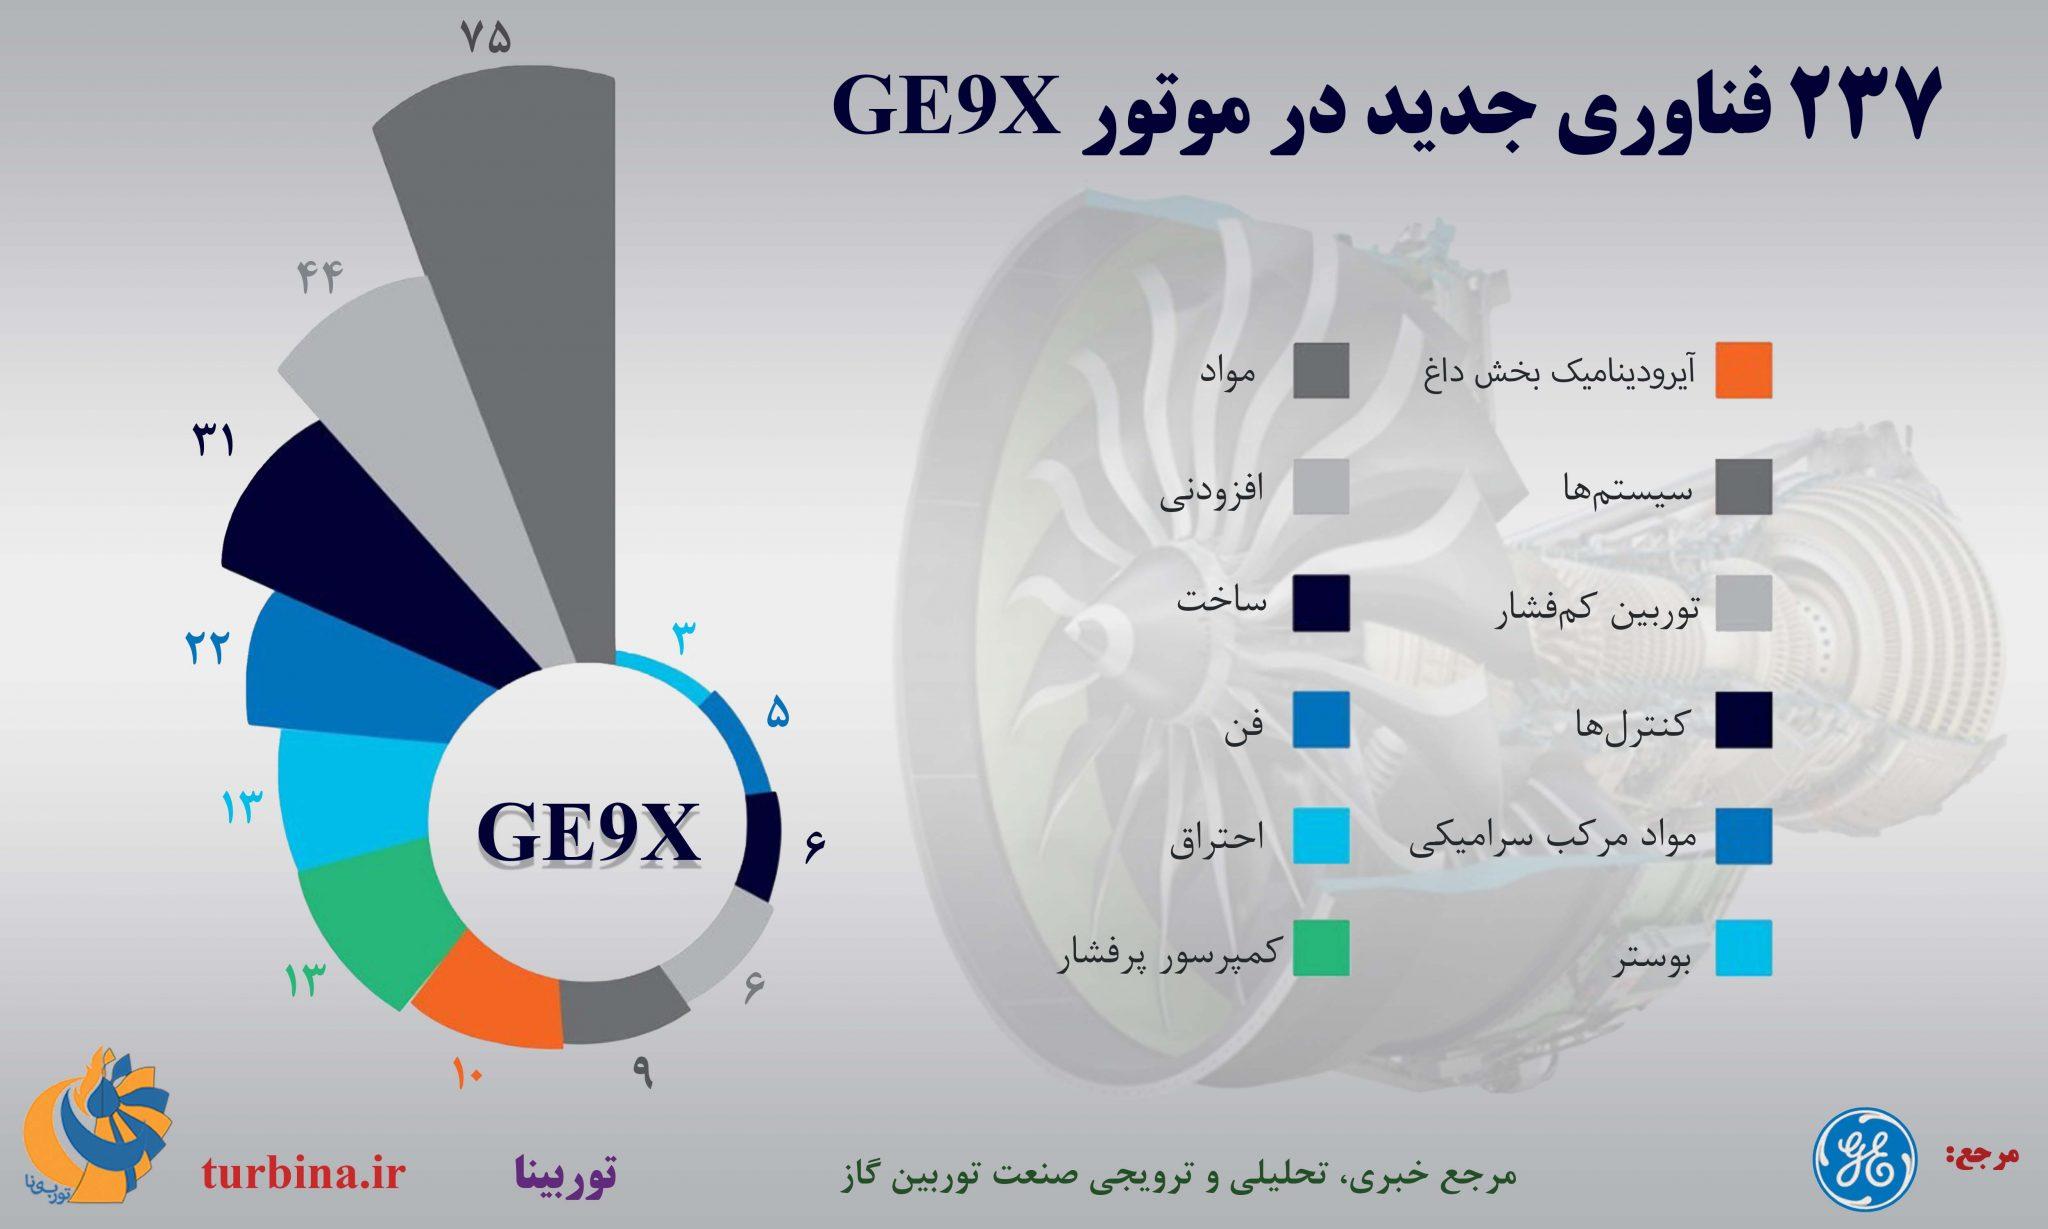 فناوری جدید در موتور GE9X